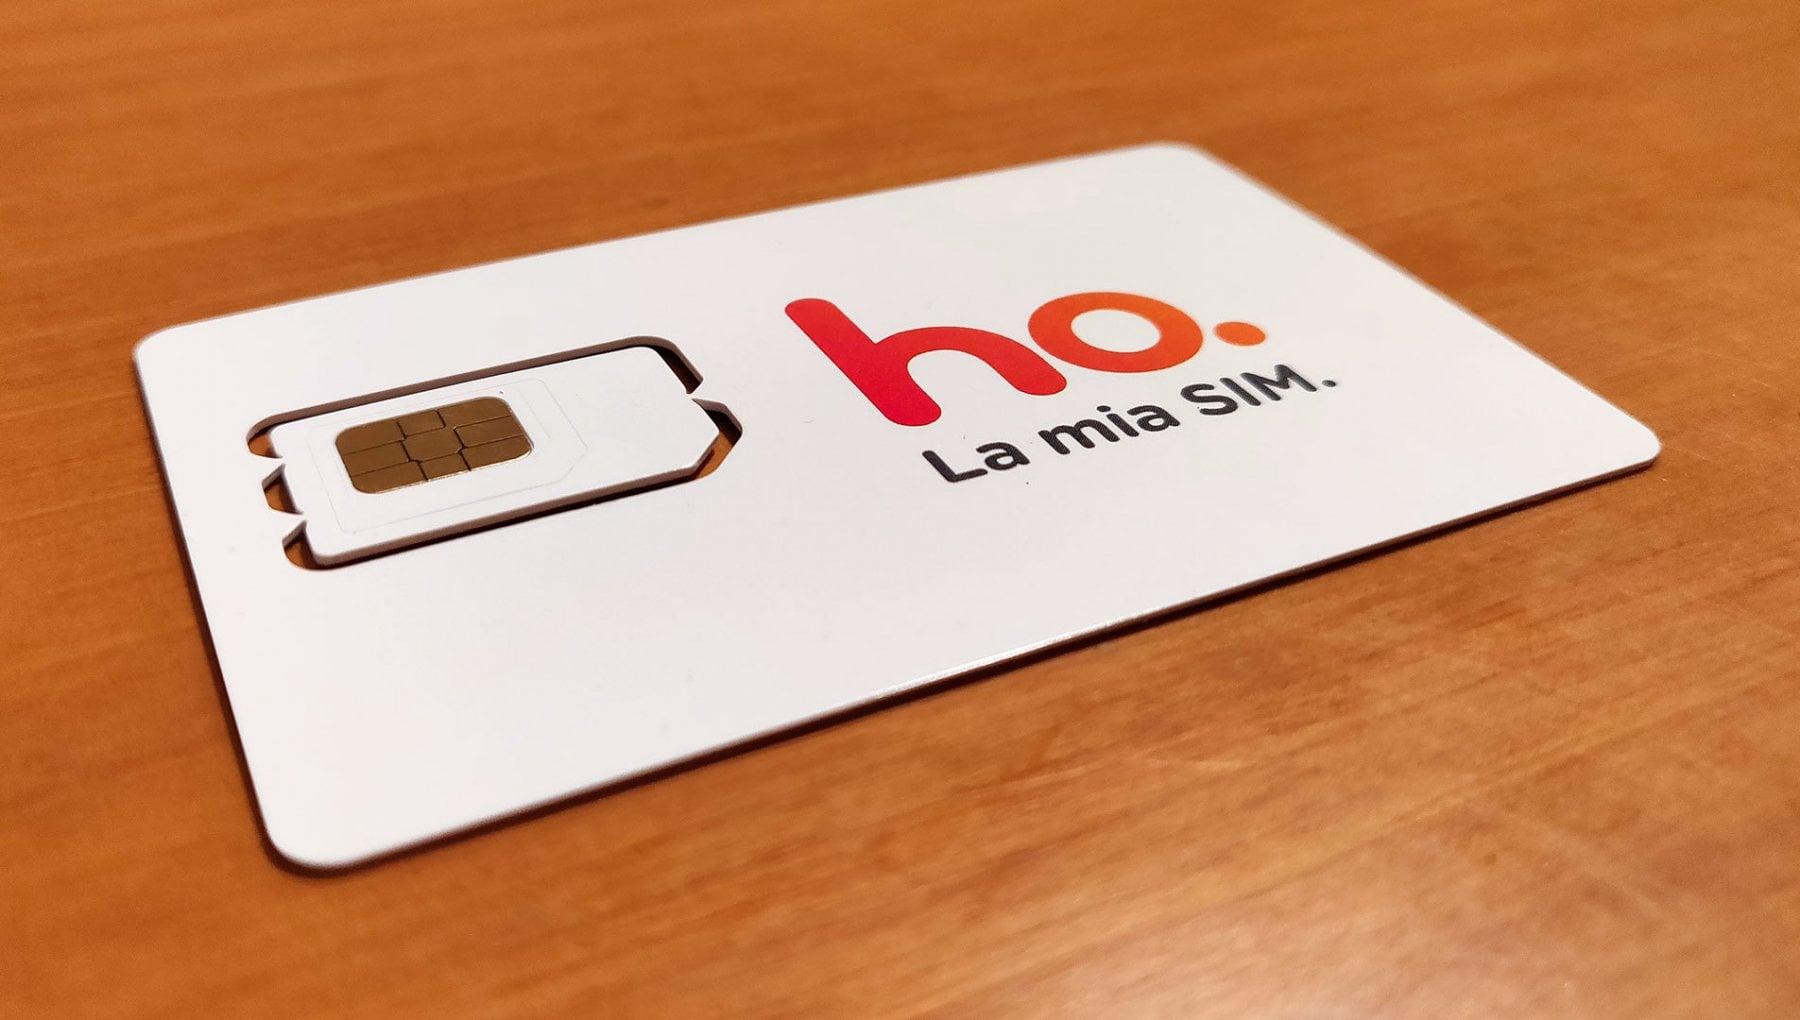 Ho mobile presunti dati dei clienti in vendita sul dark web. Vodafone Nessuna evidenza di accesso ai sistemi